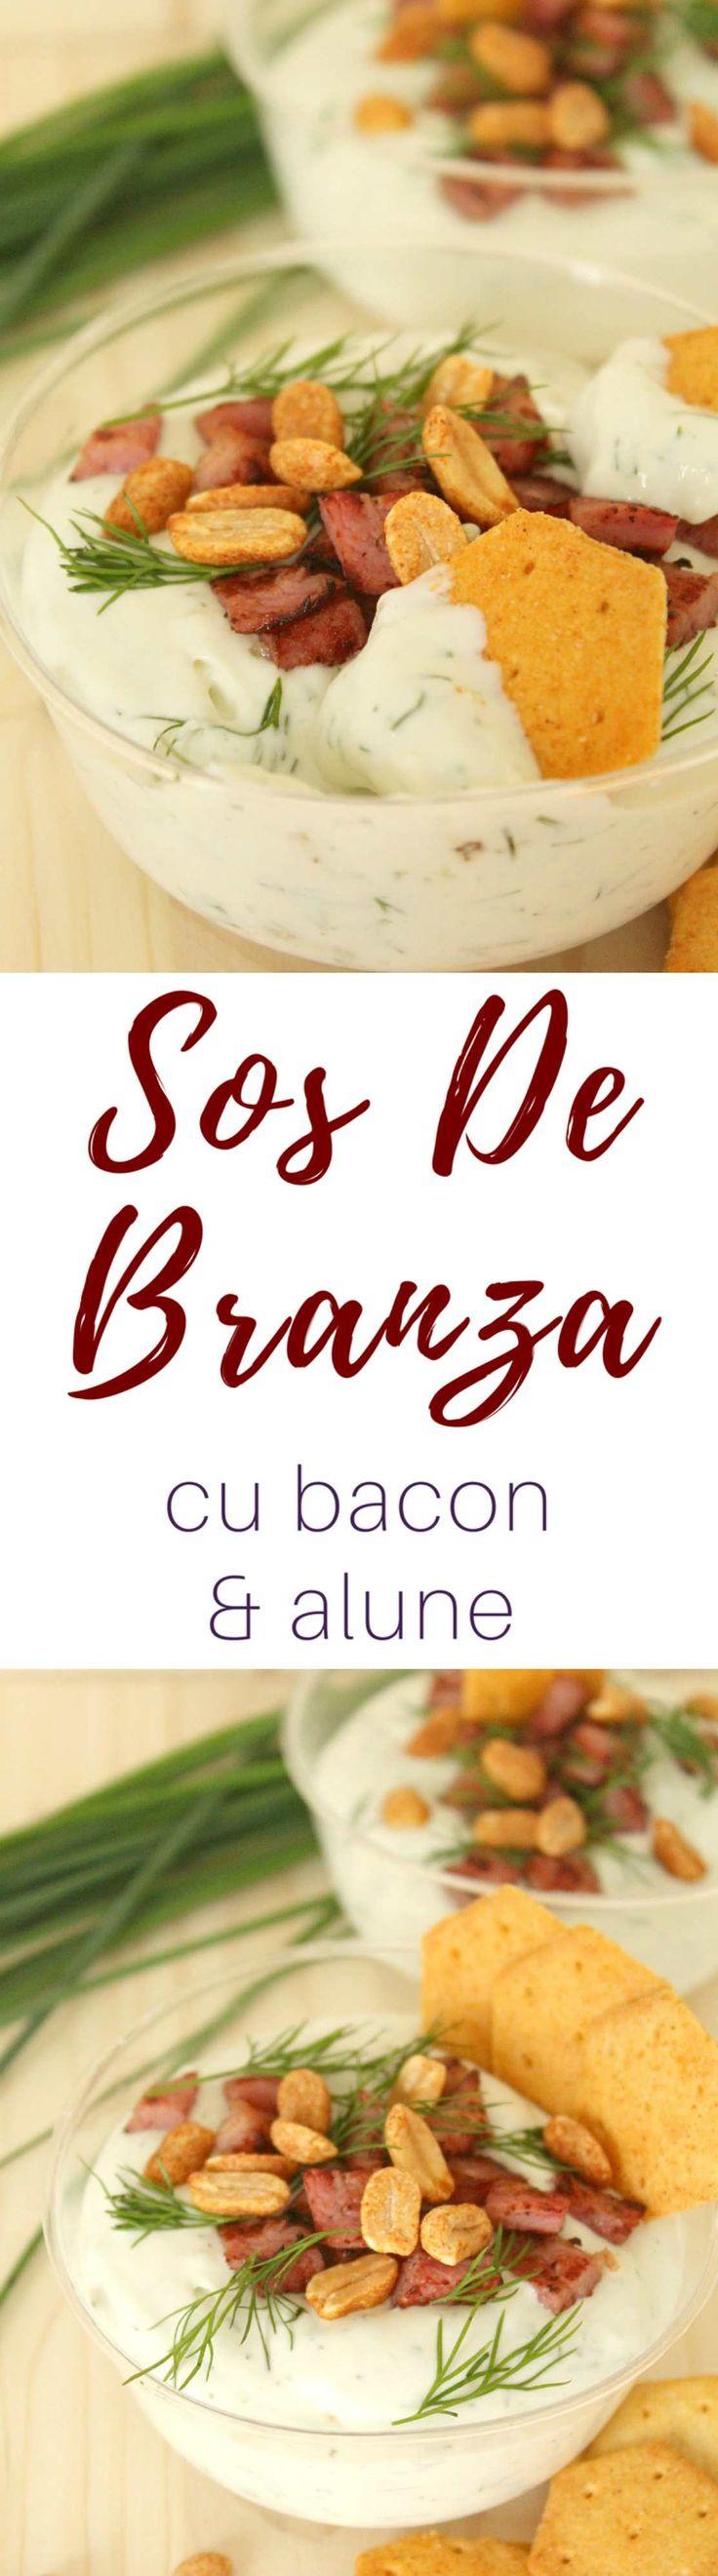 SOS DE BRANZA CU BACON - Acest aperitiv de sos de branza cu bacon afumat este ideal pentru petreceri! Serveste-l rece sau cald, copt în cupe individuale, alaturi de struguri proaspeți sau biscuiti picanti.